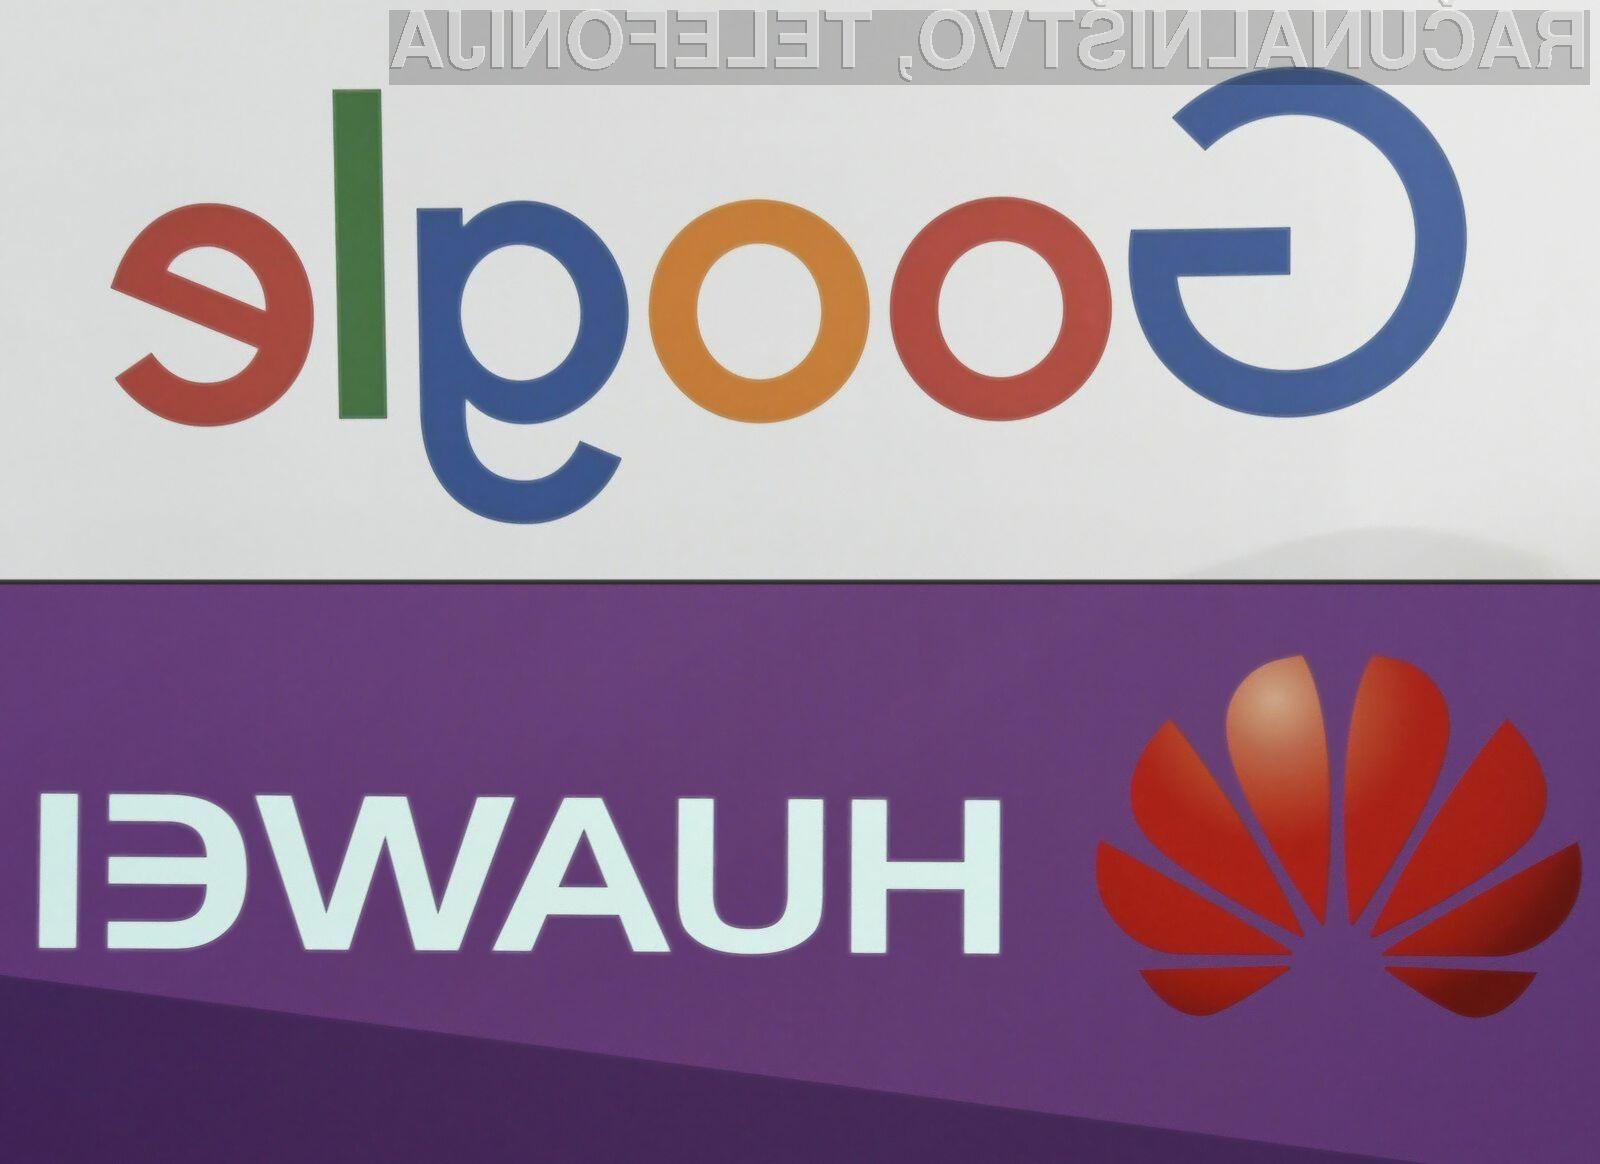 Posledice spora med podjetjema Google in Huawei bodo čutili predvsem uporabniki mobilnih naprav kitajskega velikana.